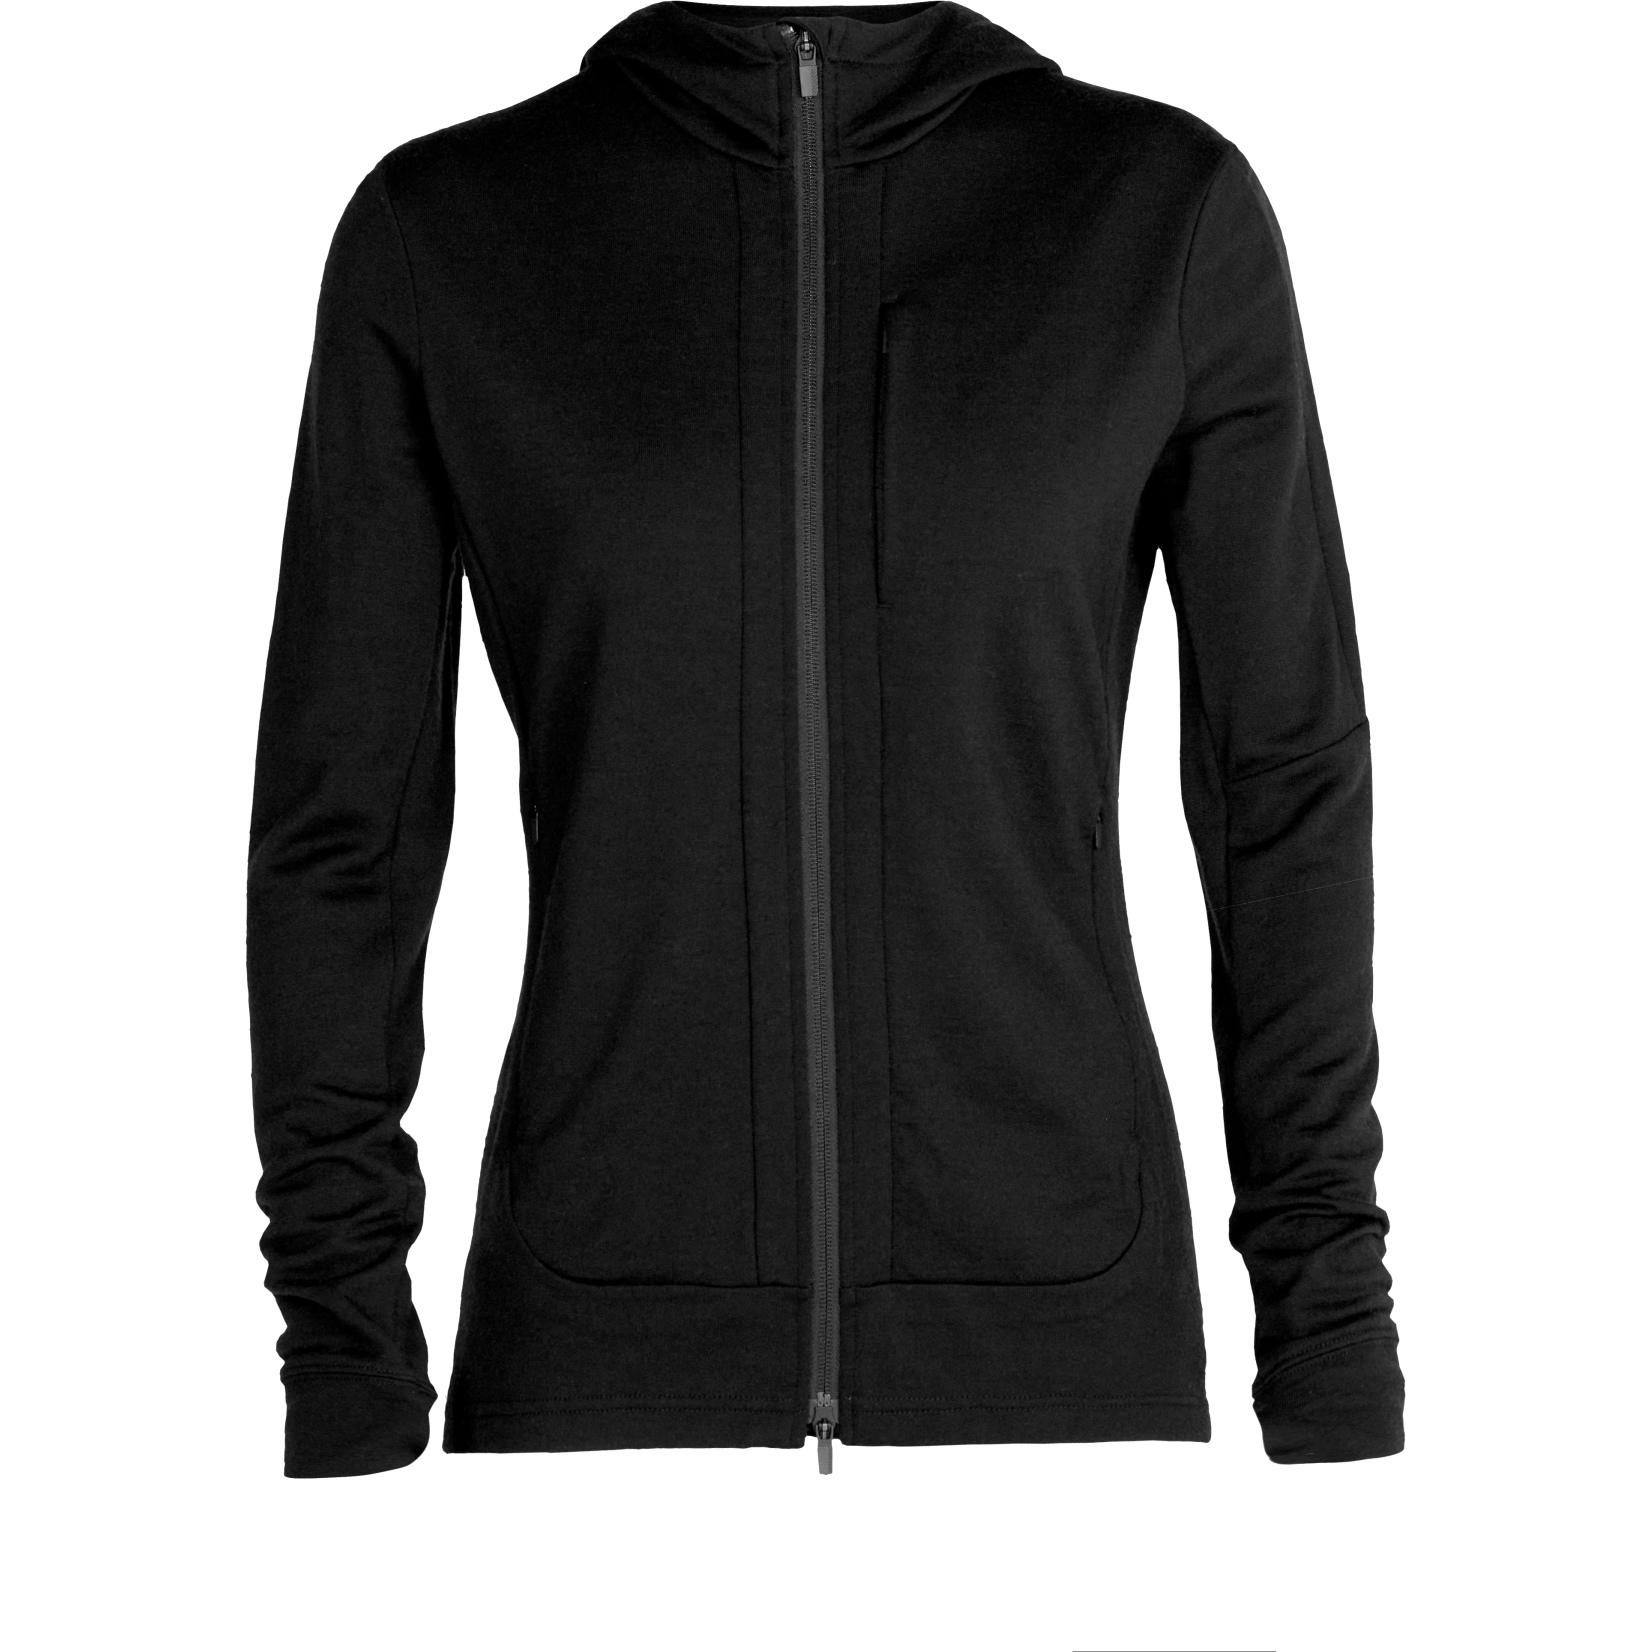 Produktbild von Icebreaker Quantum III Long Sleeve Zip Hood Damen Midlayer Jacke - Black